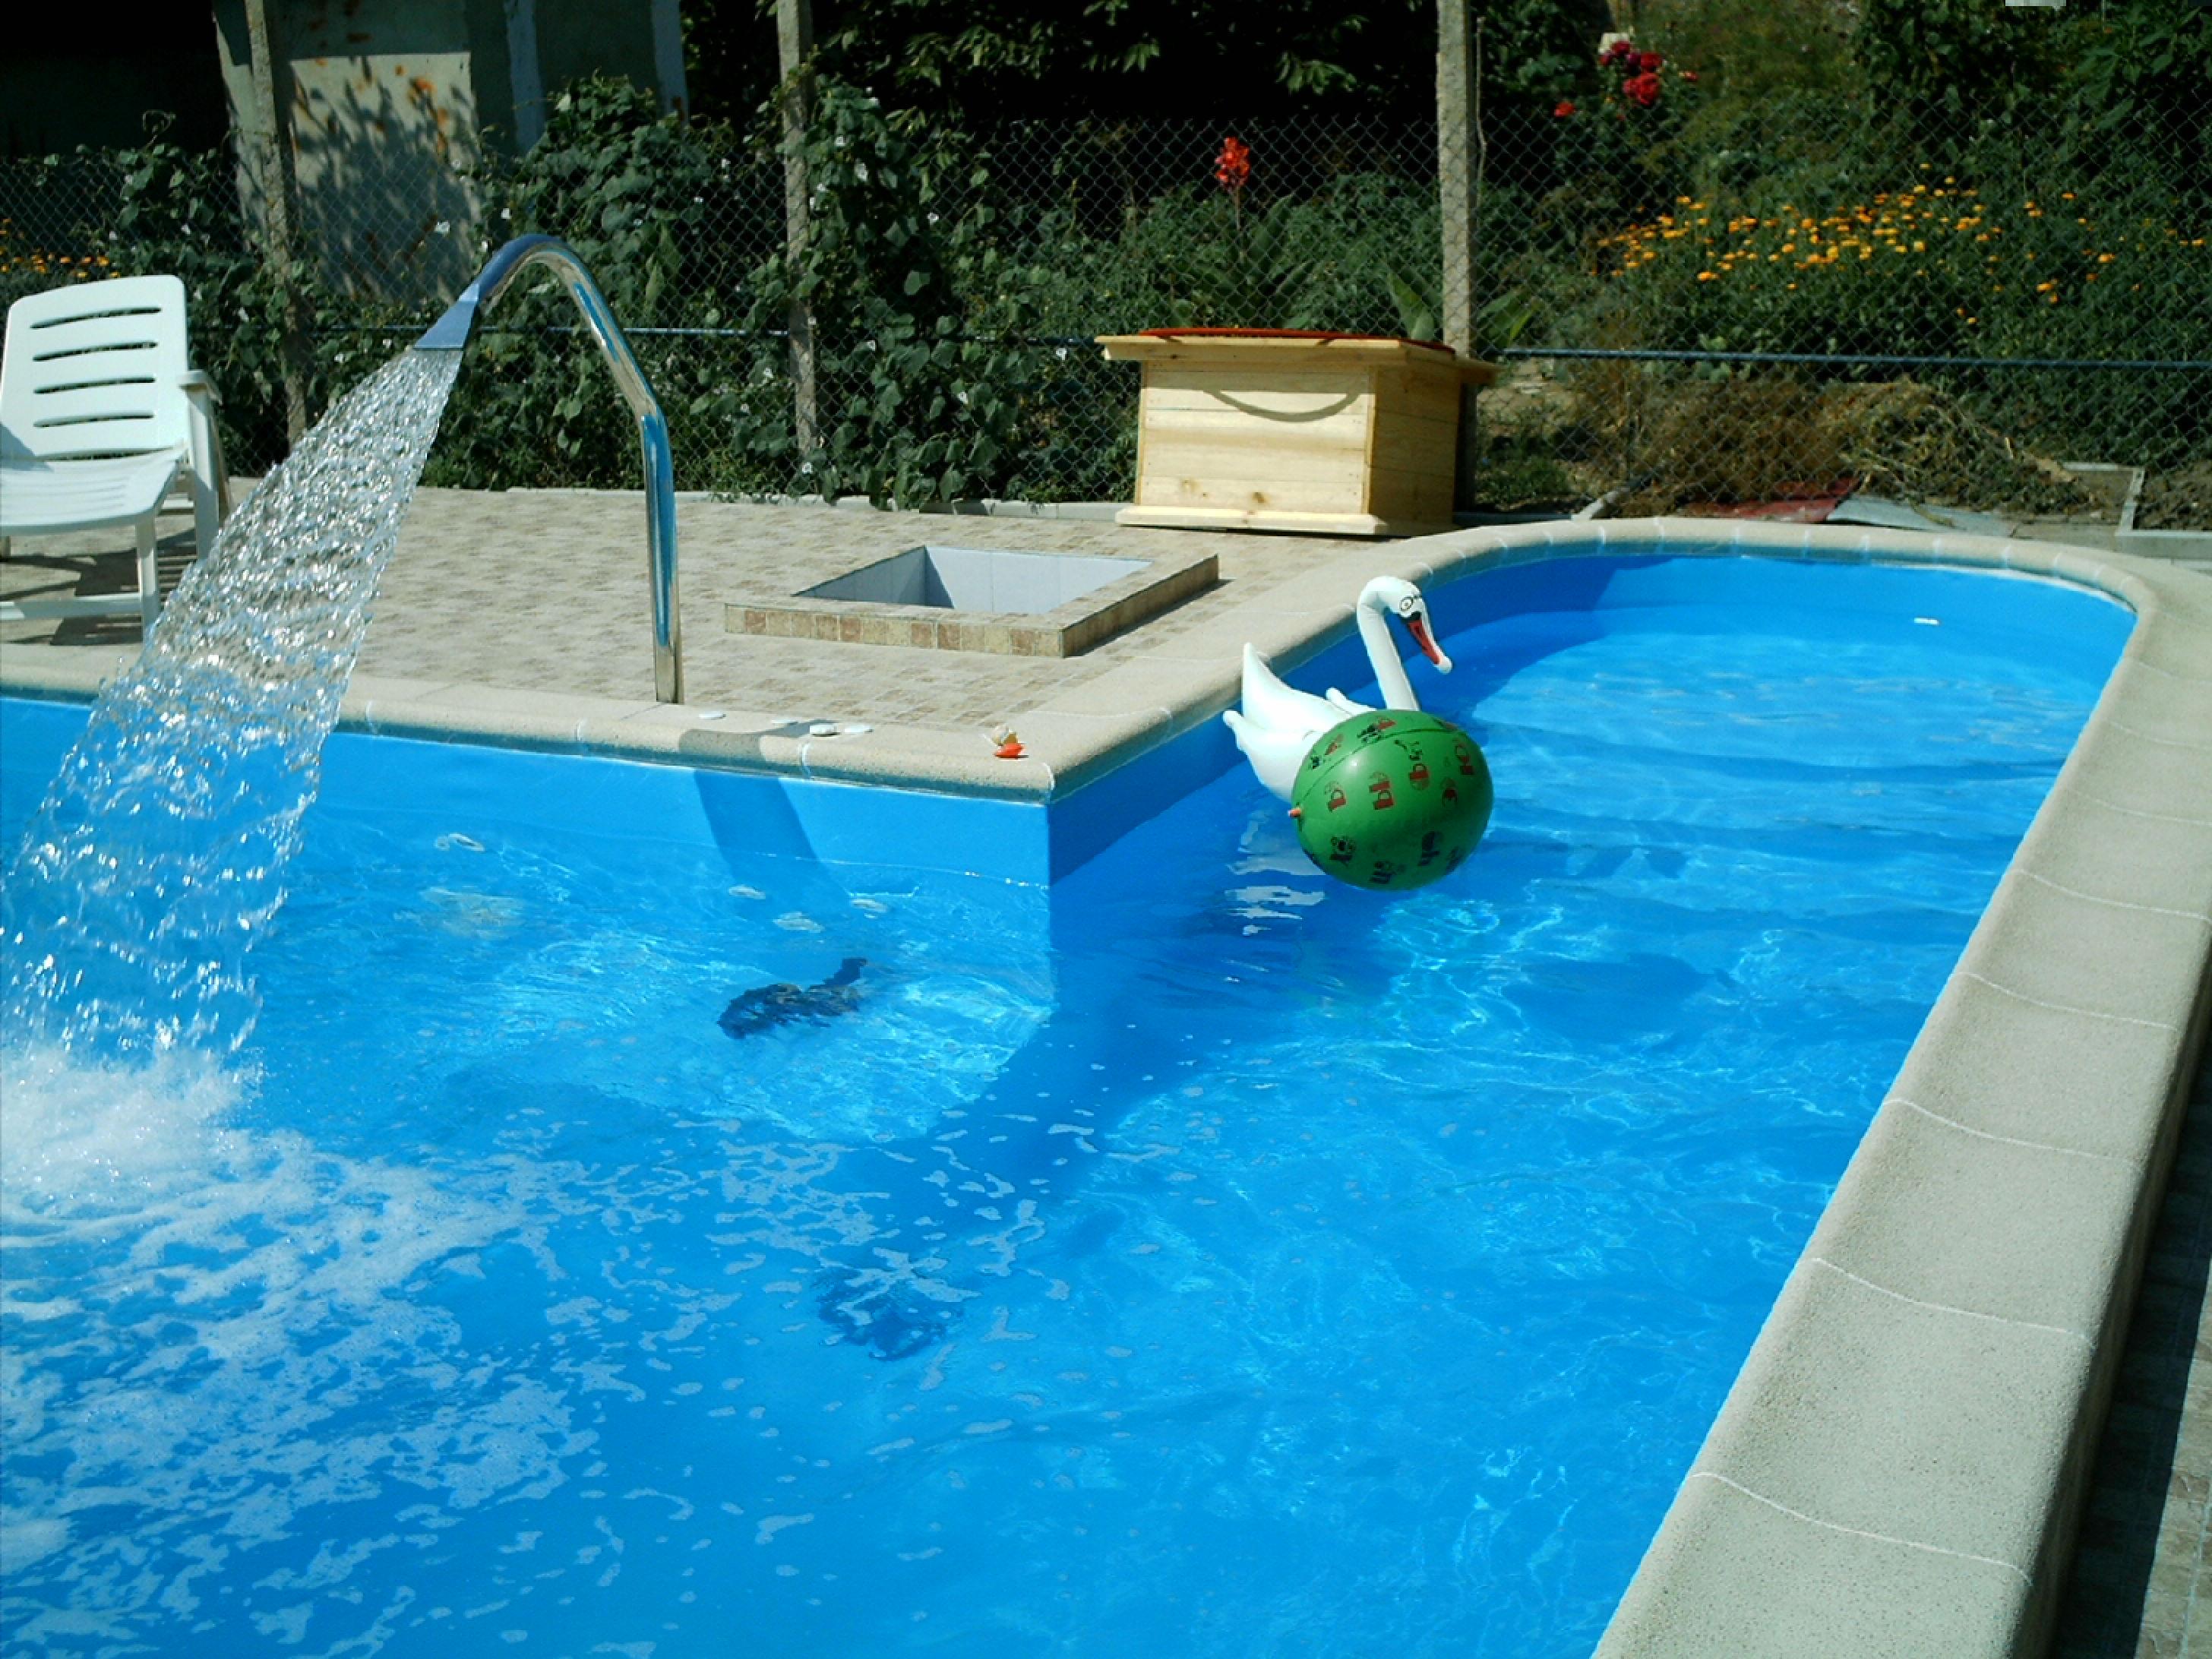 Бассейн в частном доме - Строительство дома своими руками 70